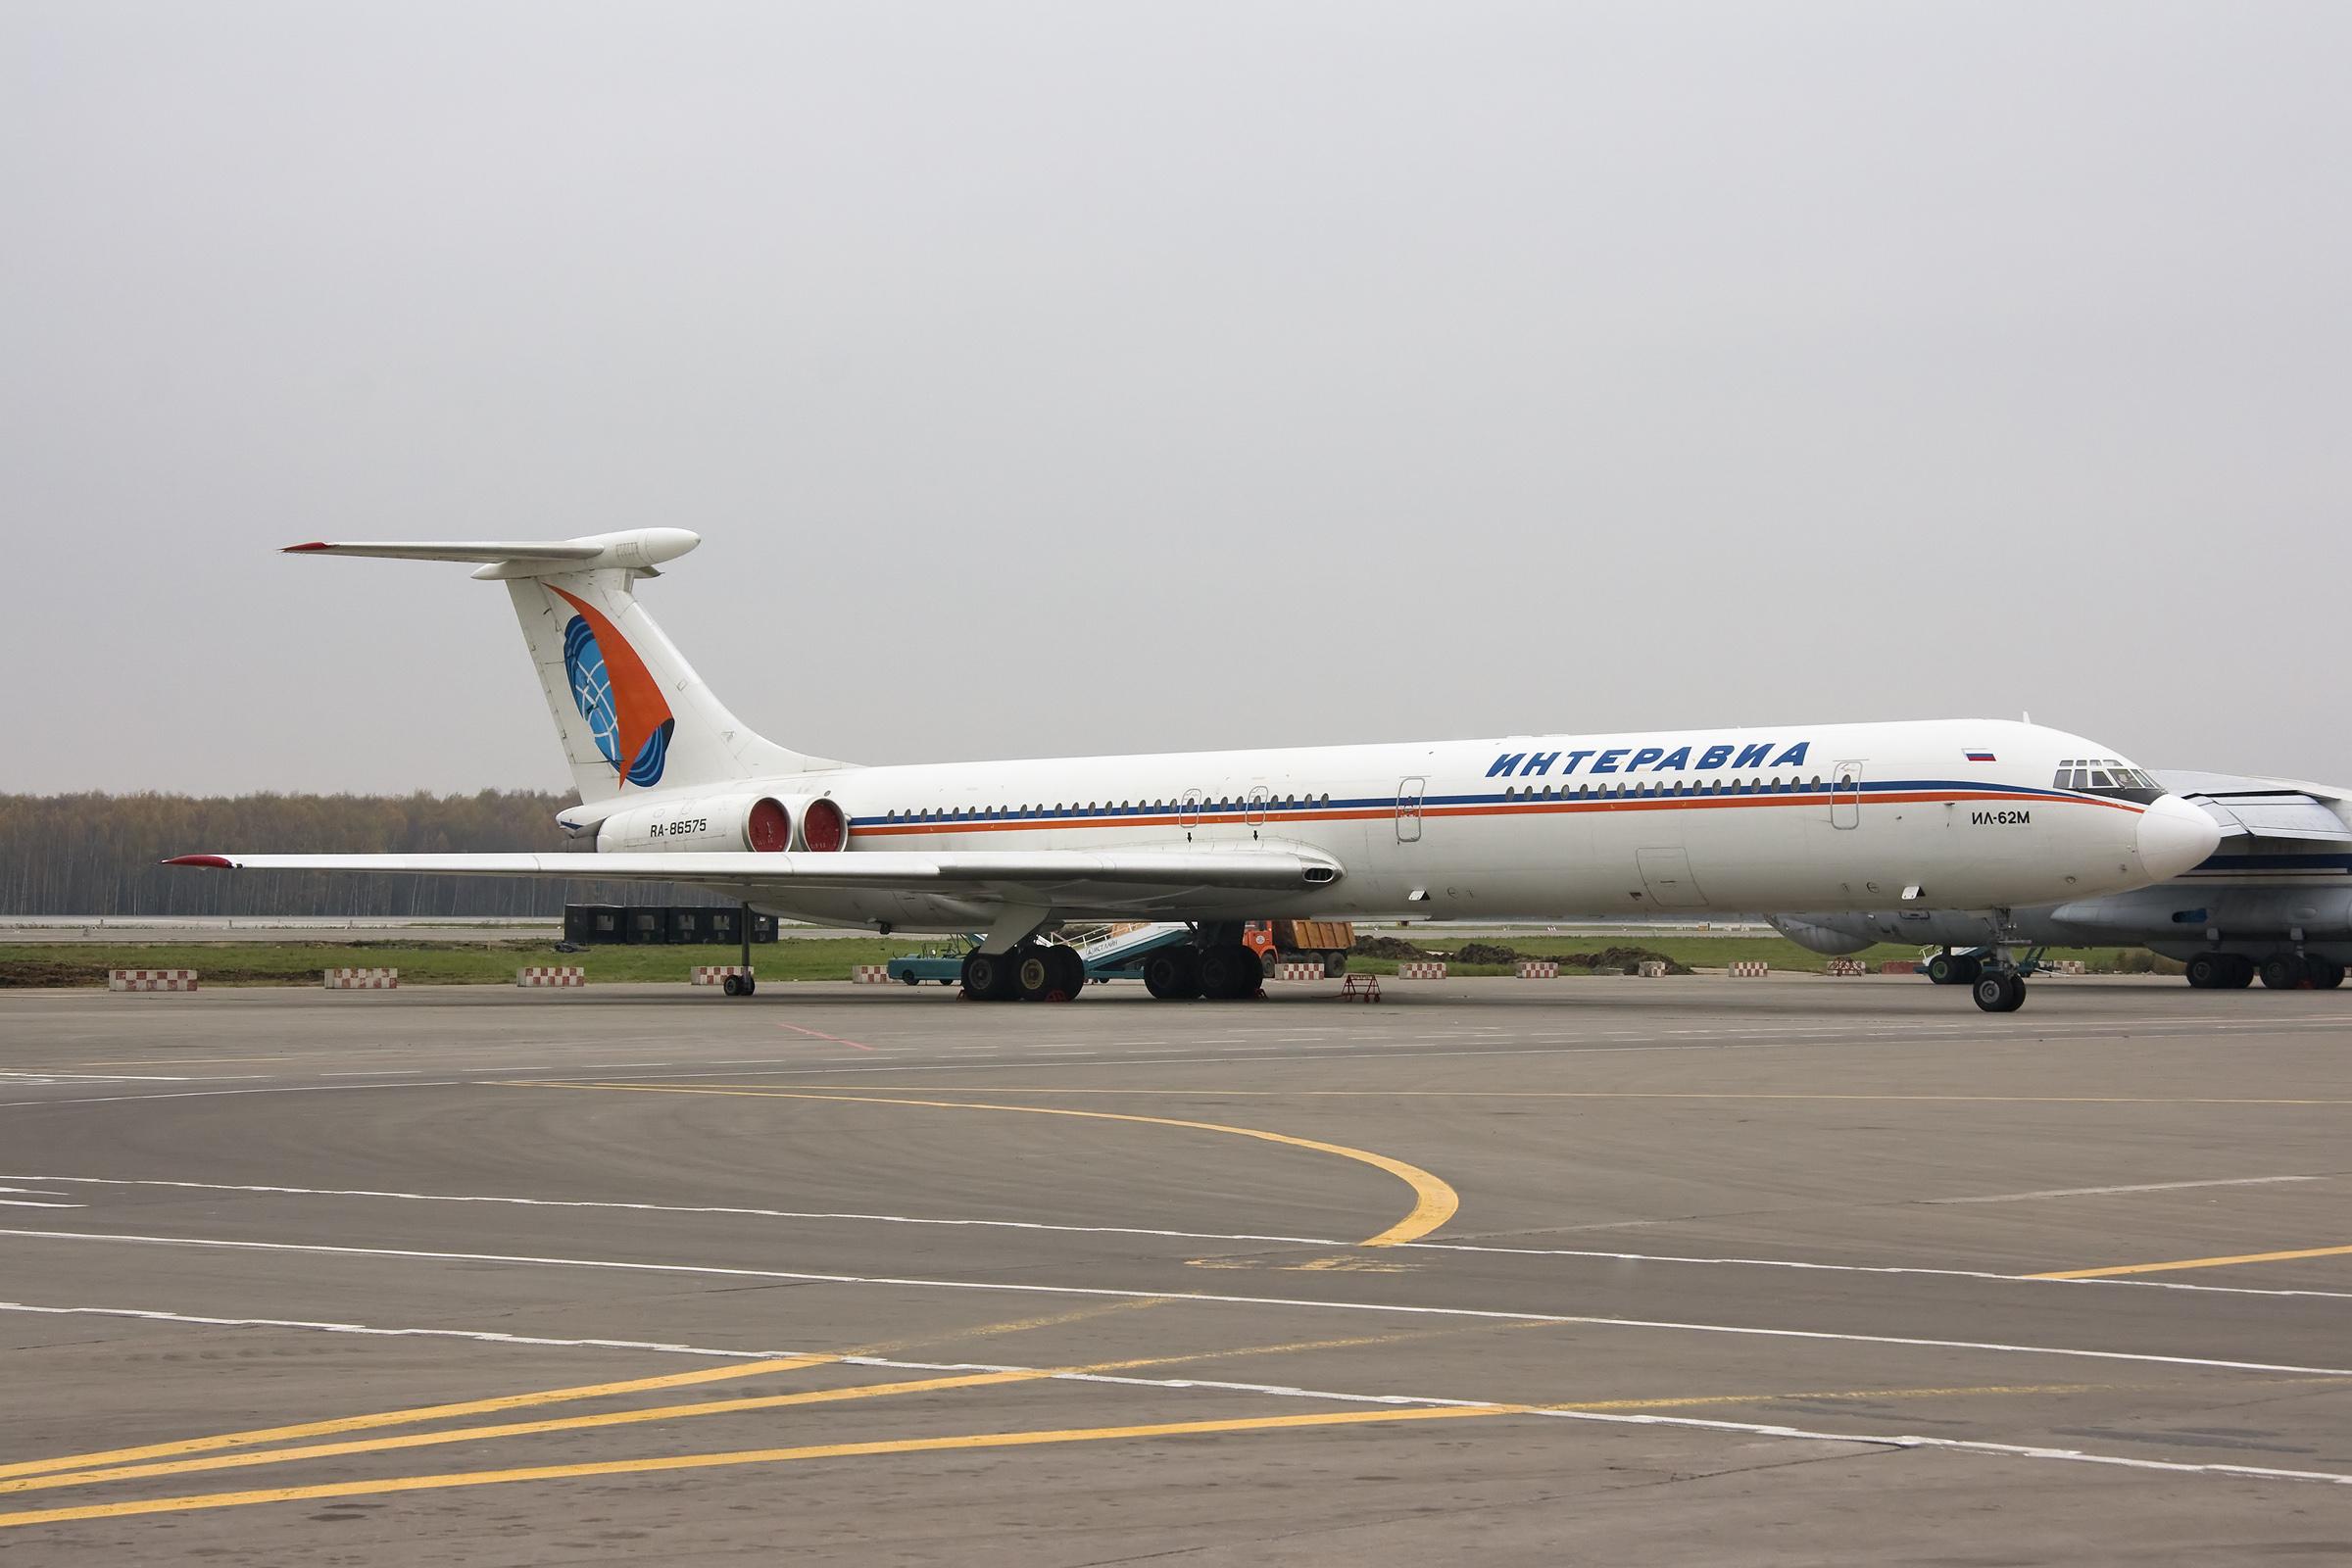 Interavia_Ilyushin_Il-62M